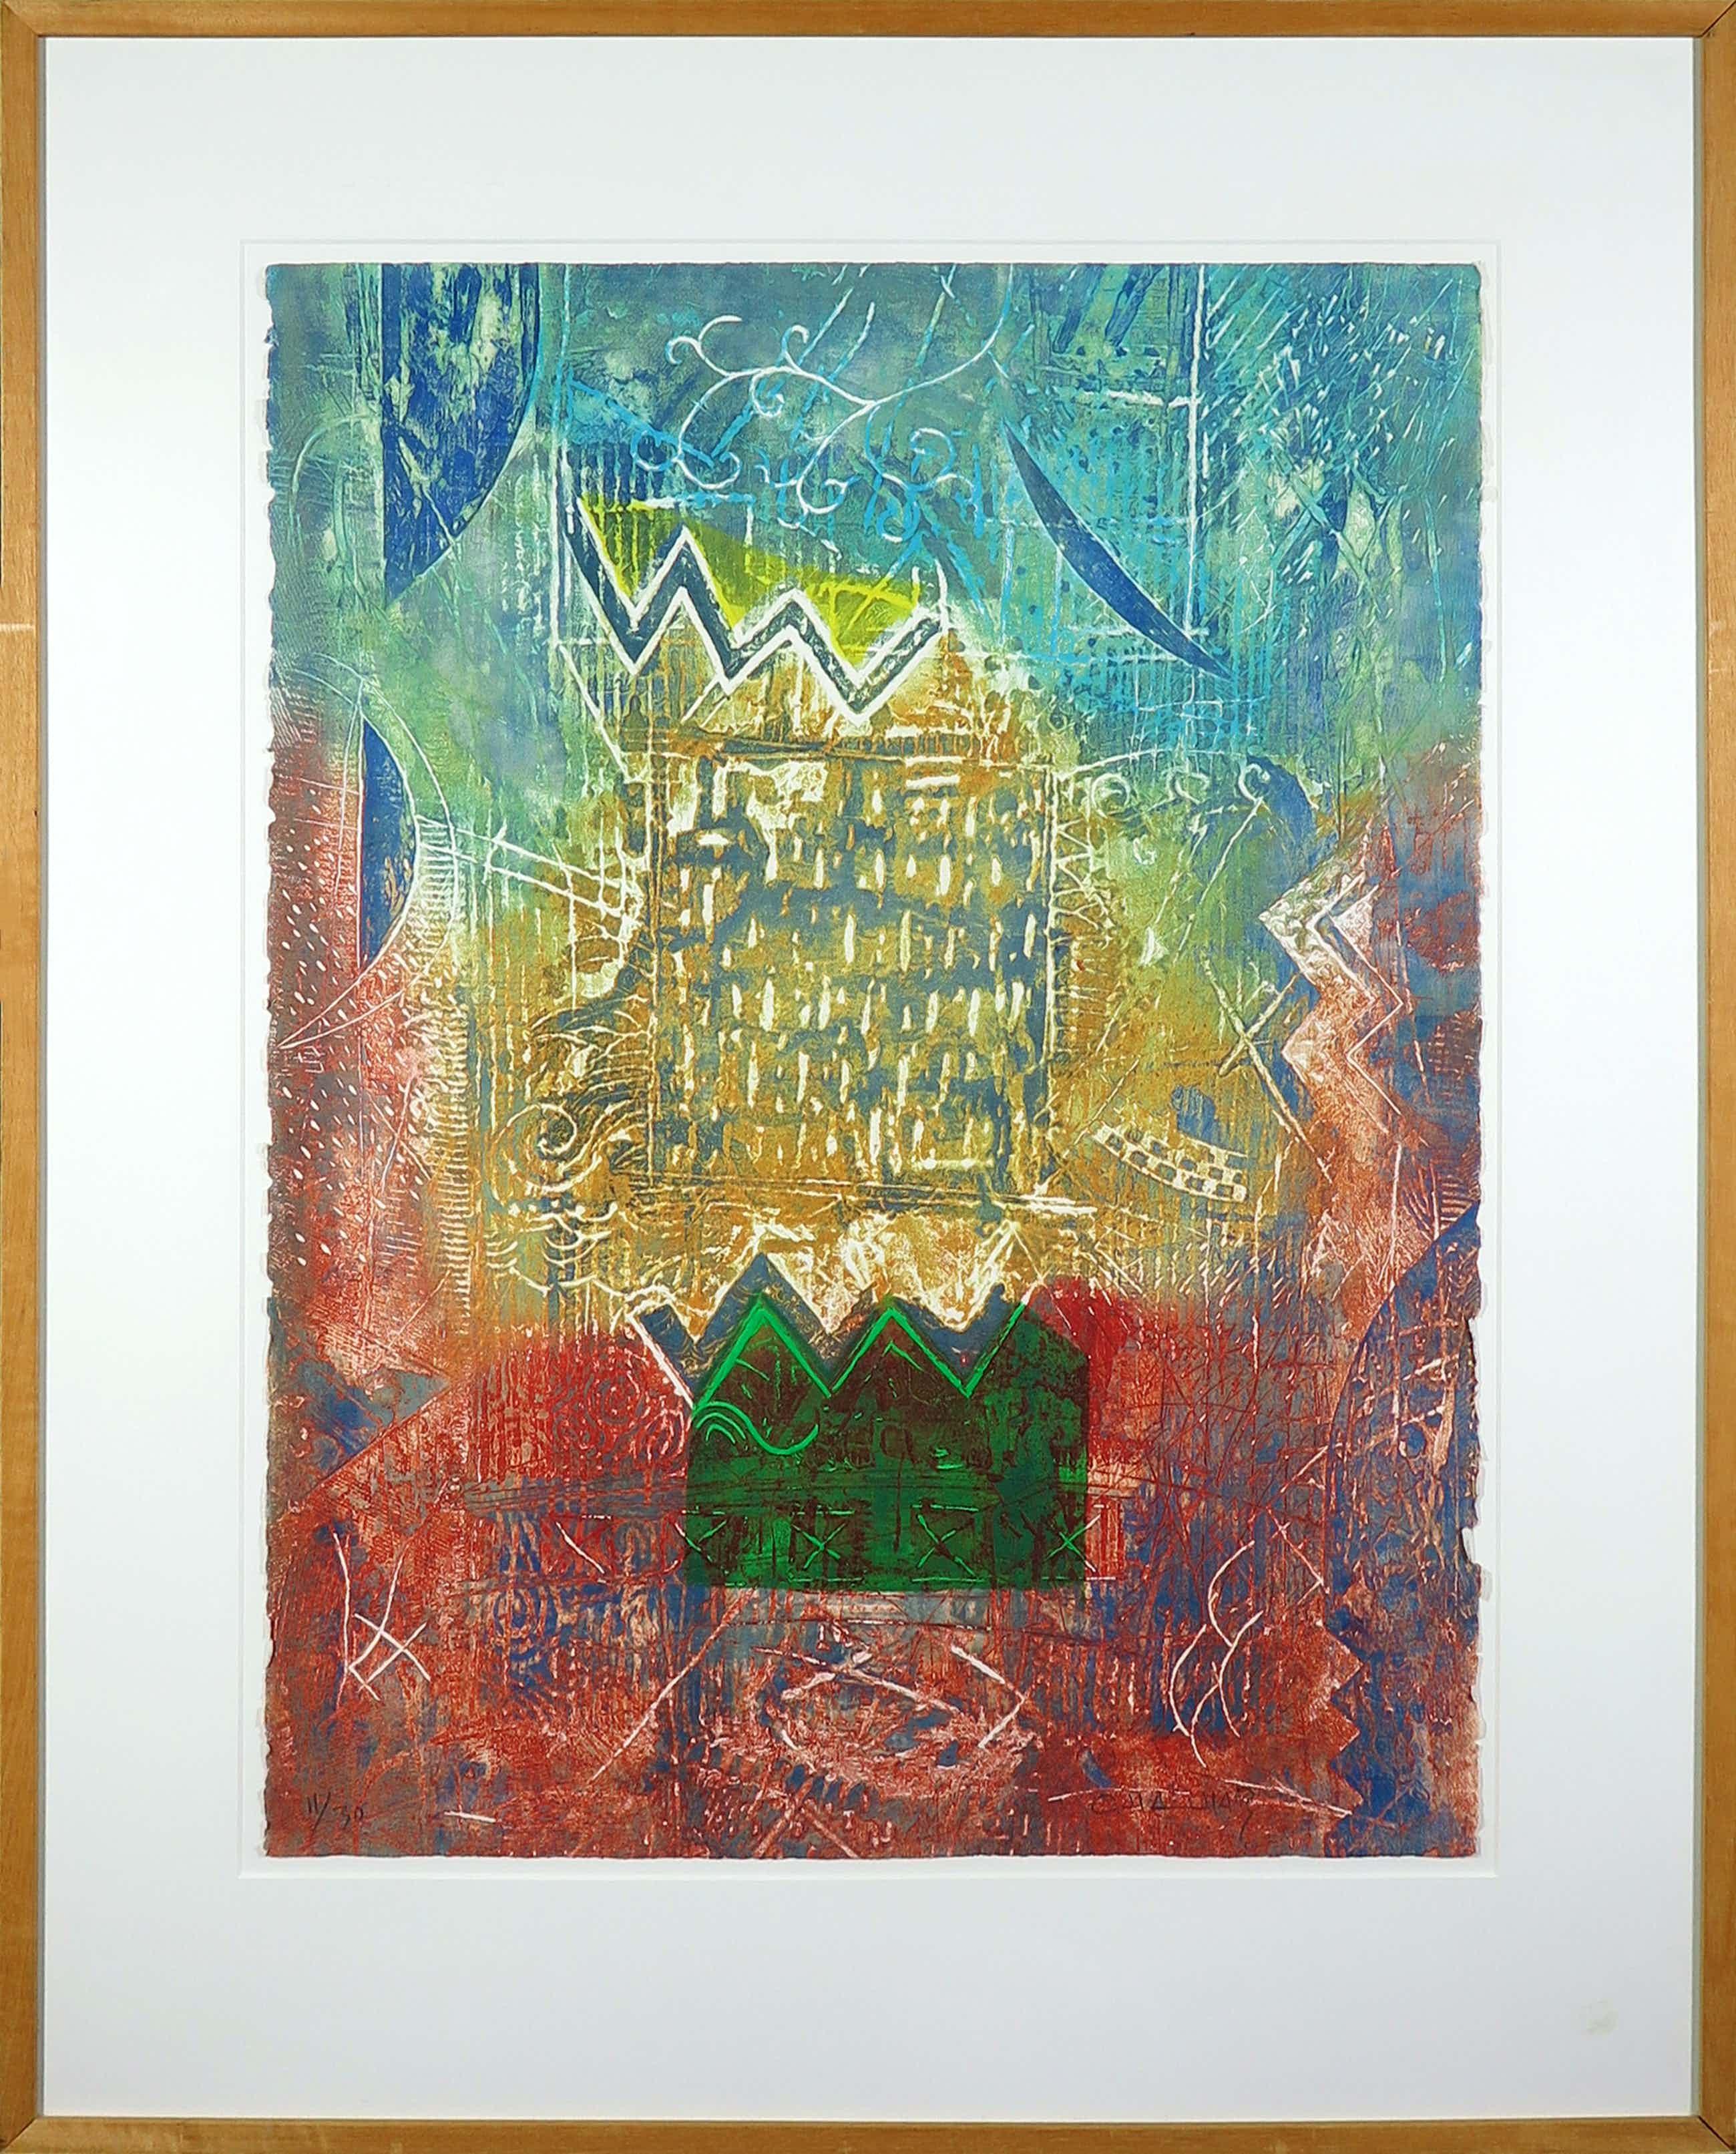 Chabab Tayefeh Mohajer - Kleurenets, Maison du Poet - Ingelijst (Groot) kopen? Bied vanaf 70!